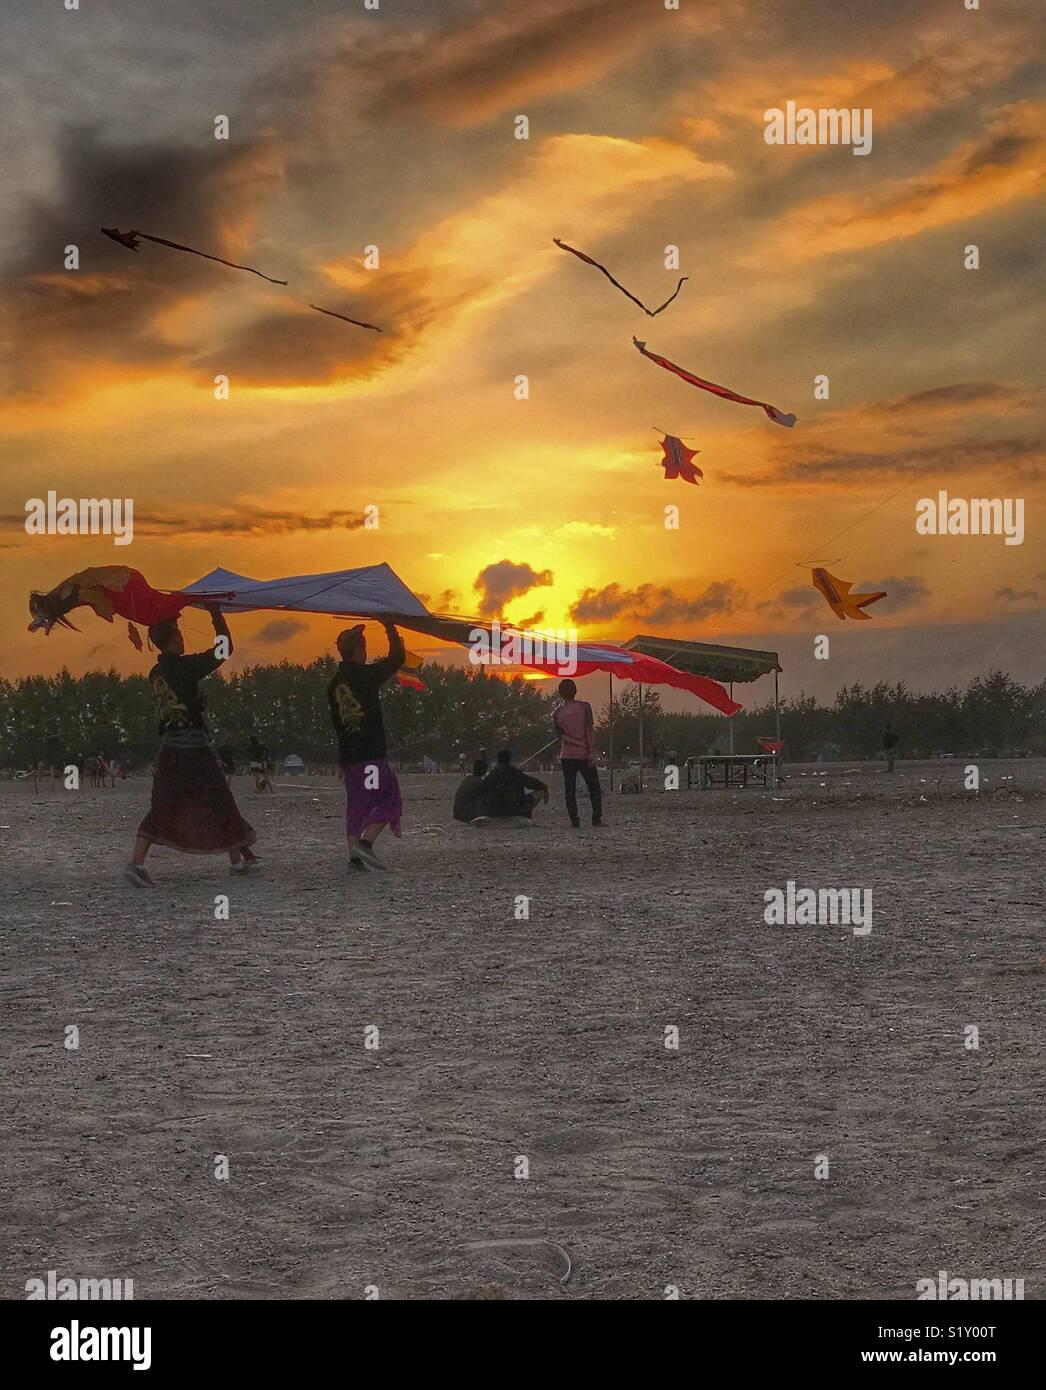 Flying kites at dusk - Stock Image